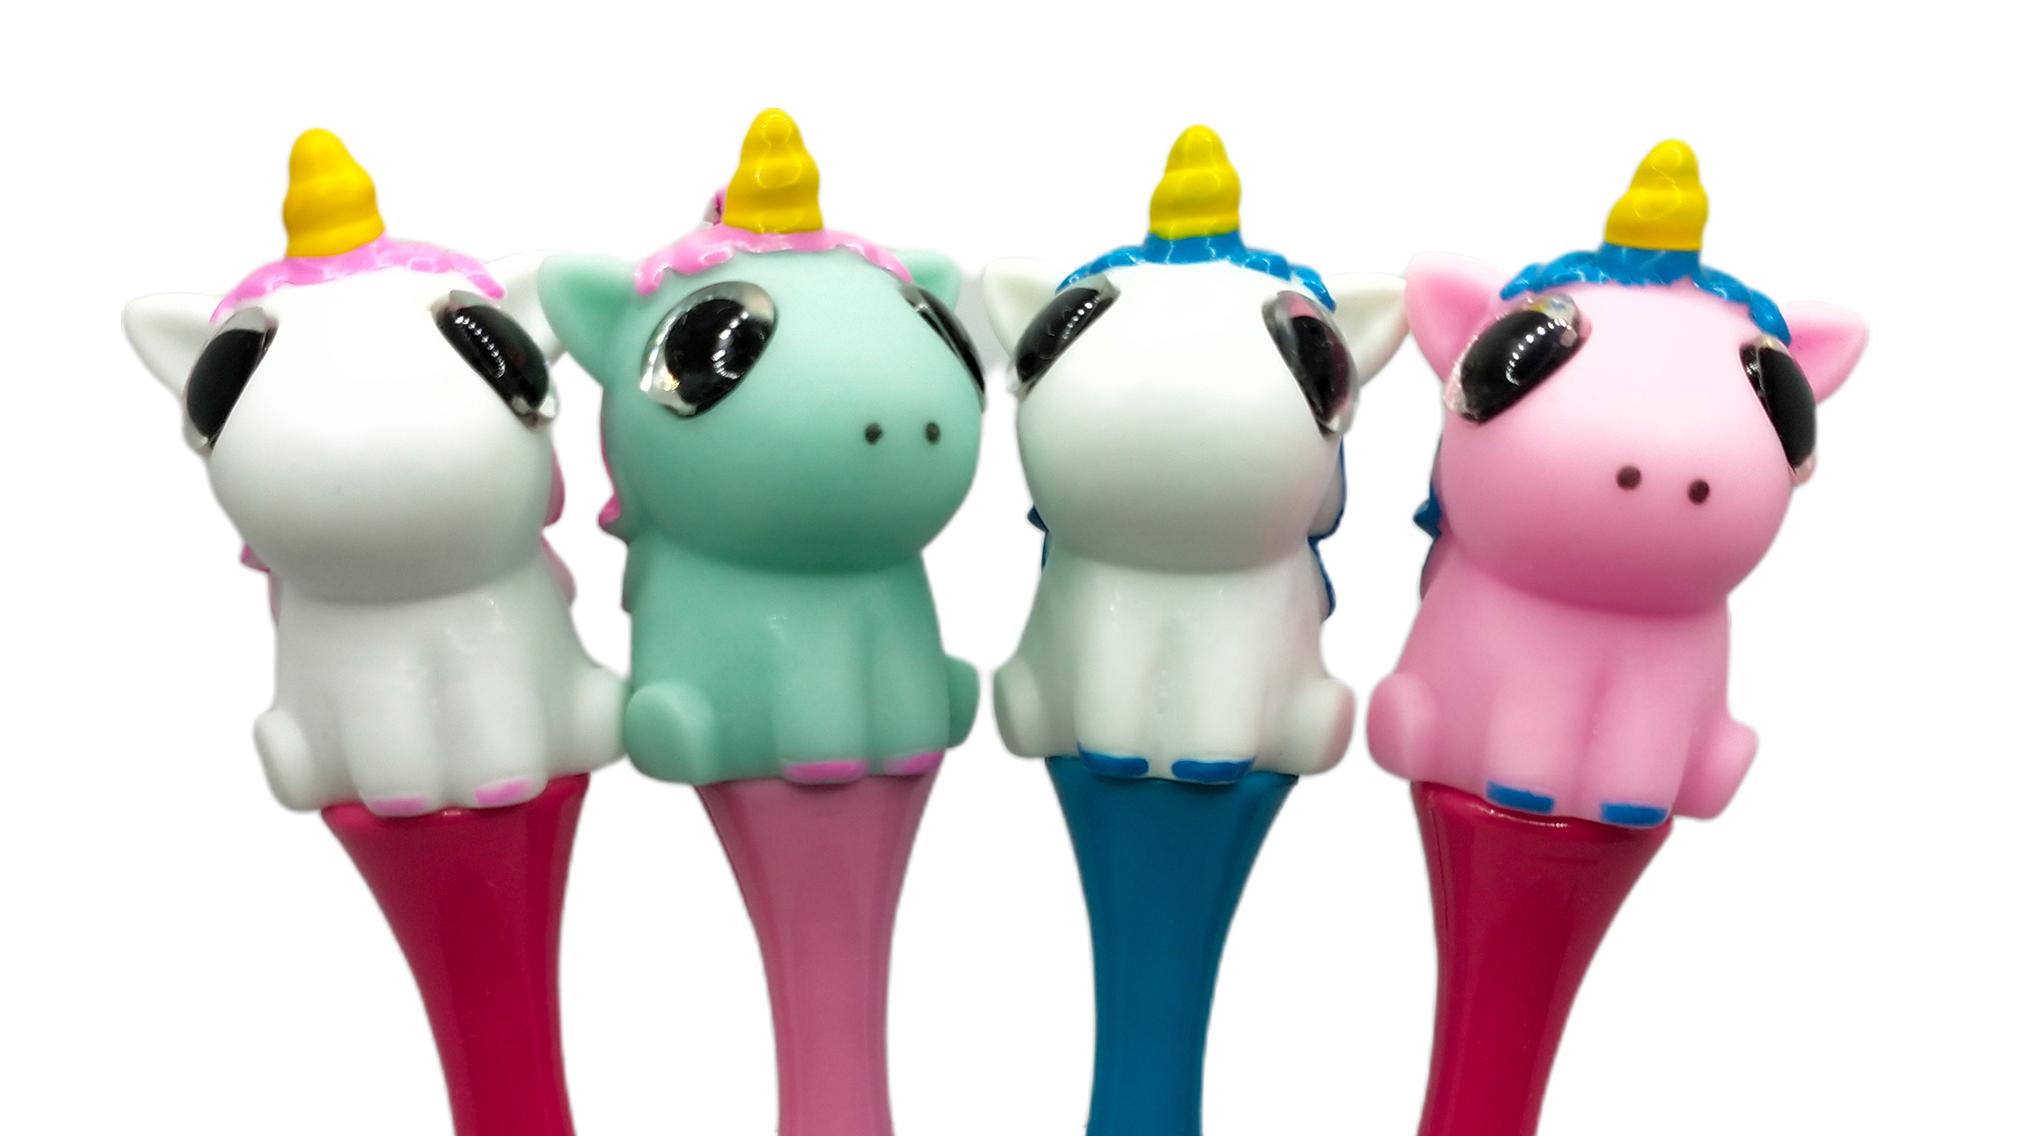 חדש חידוש 3D Unicorn צורת קריקטורה Pvc לסחוט העין פופ החוצה ילדים צעצוע עט לקידום